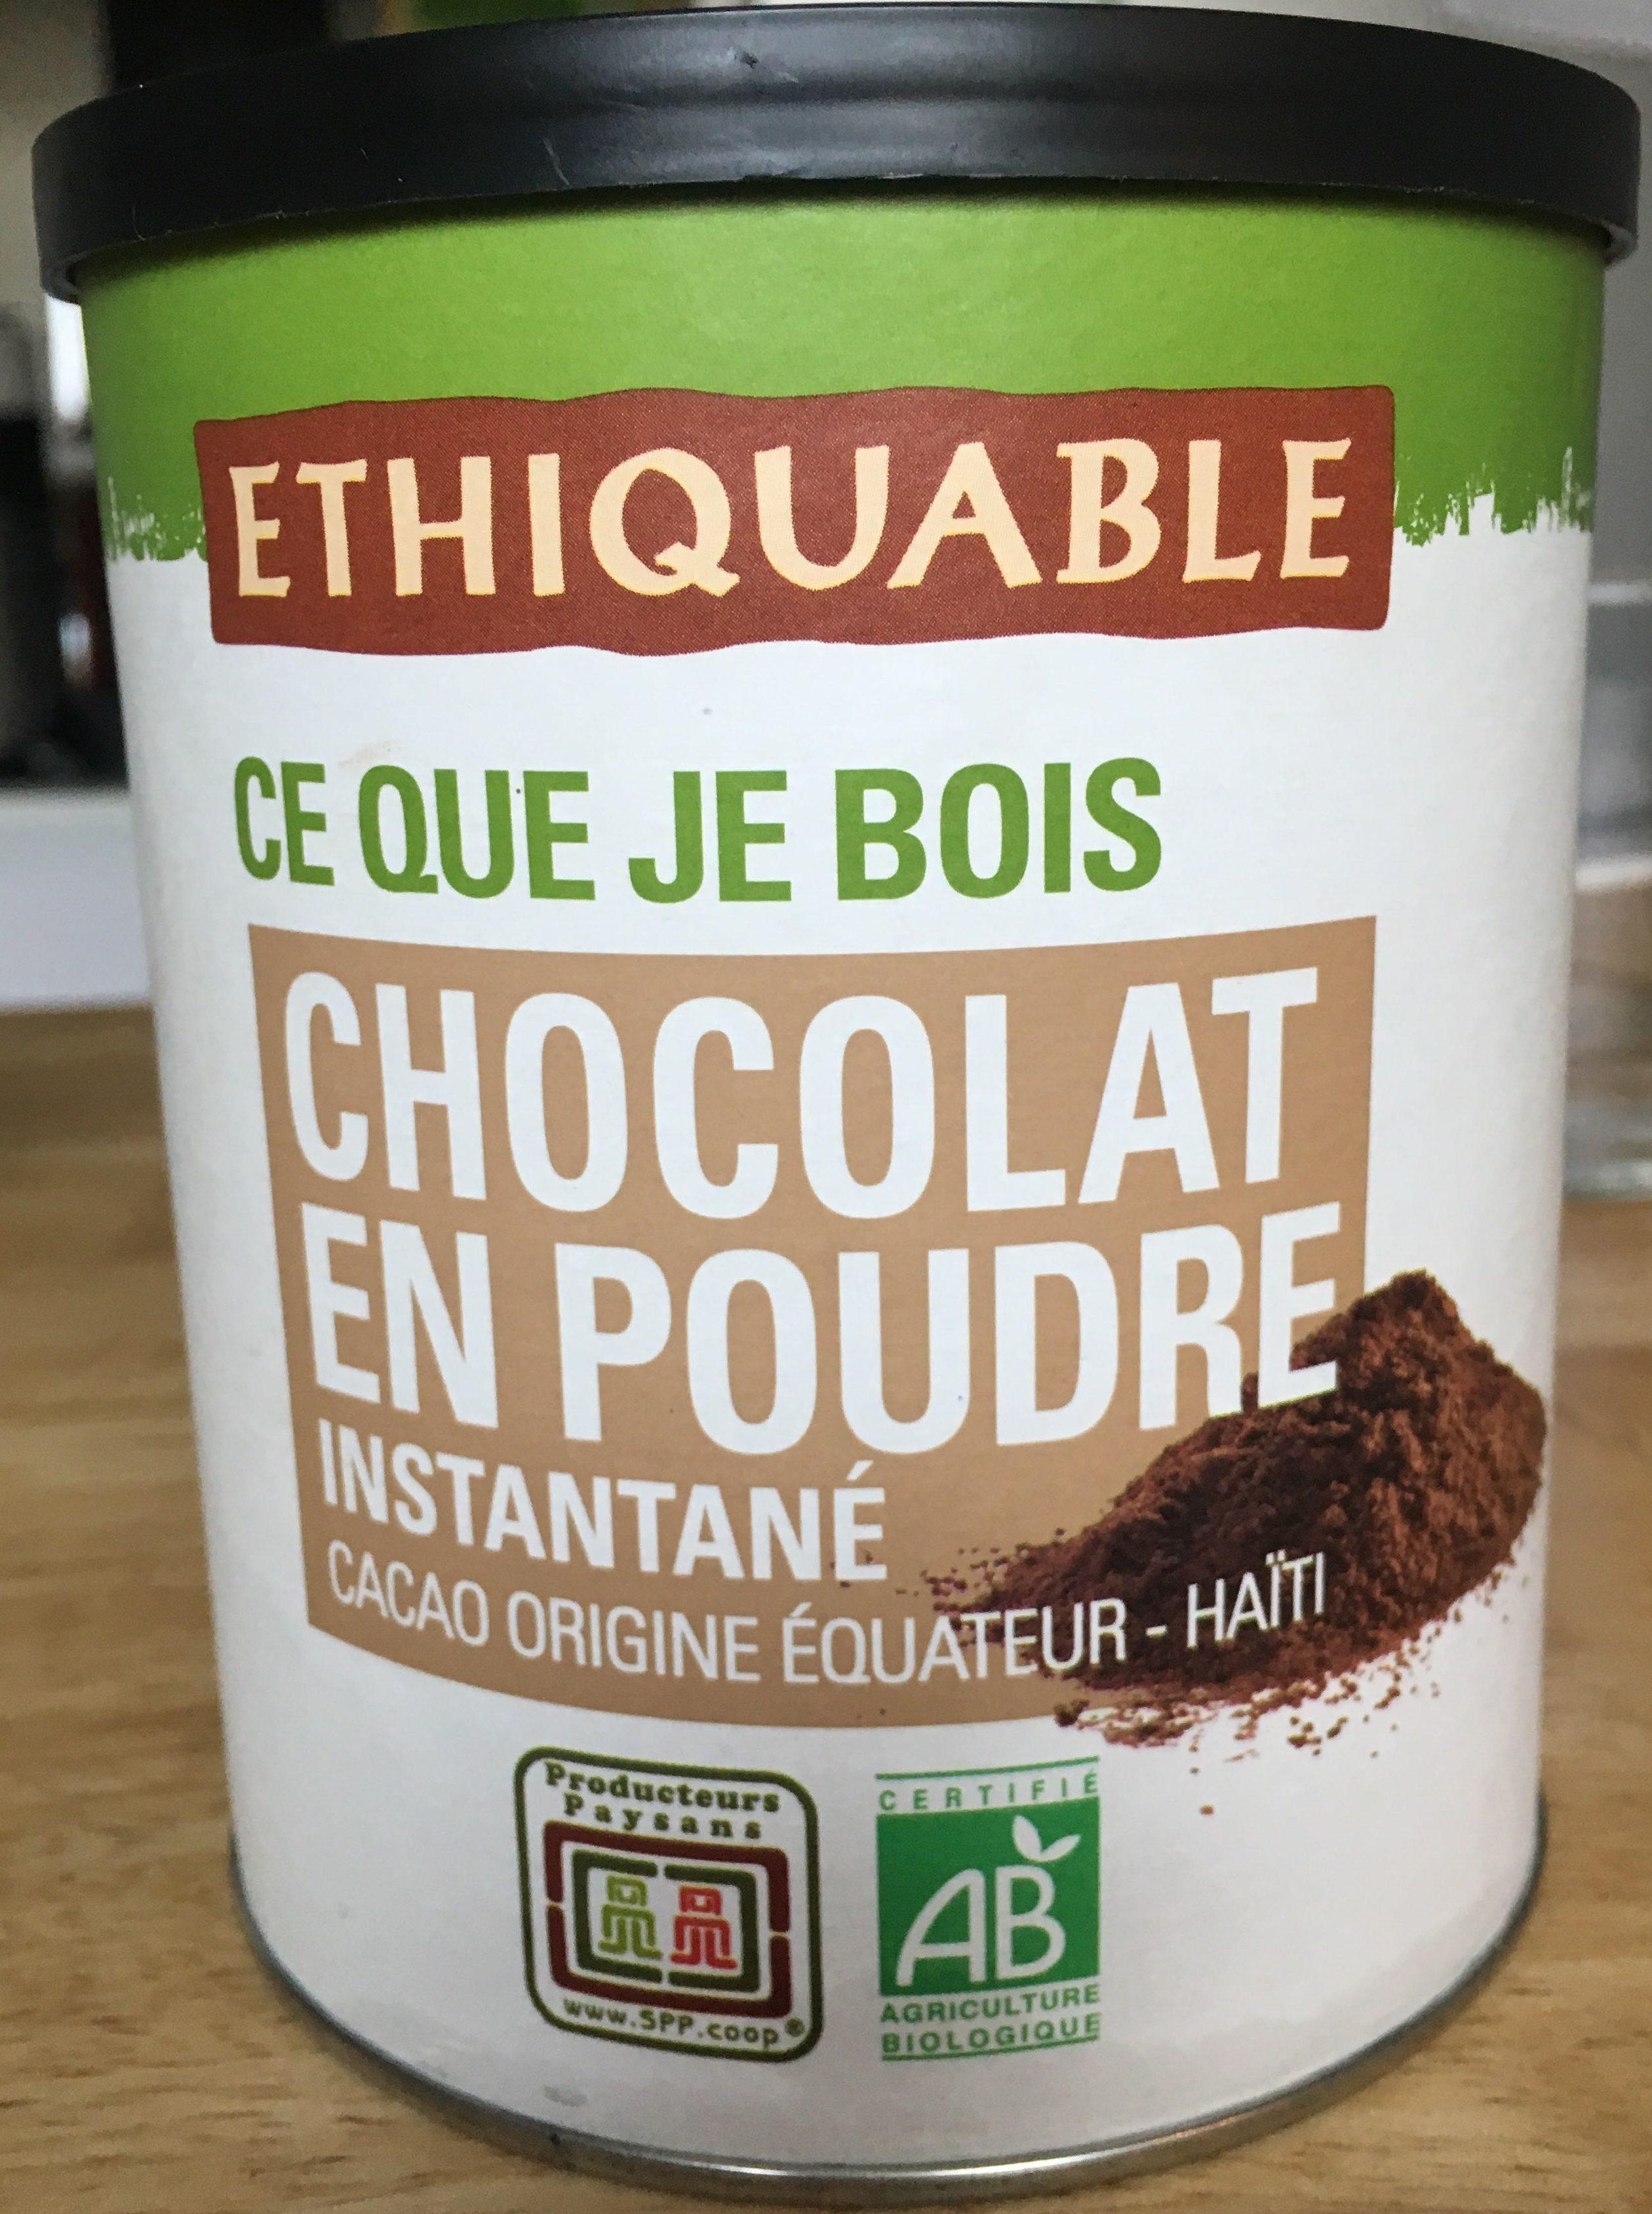 chocolat en poudre instantan ethiquable 400 g. Black Bedroom Furniture Sets. Home Design Ideas